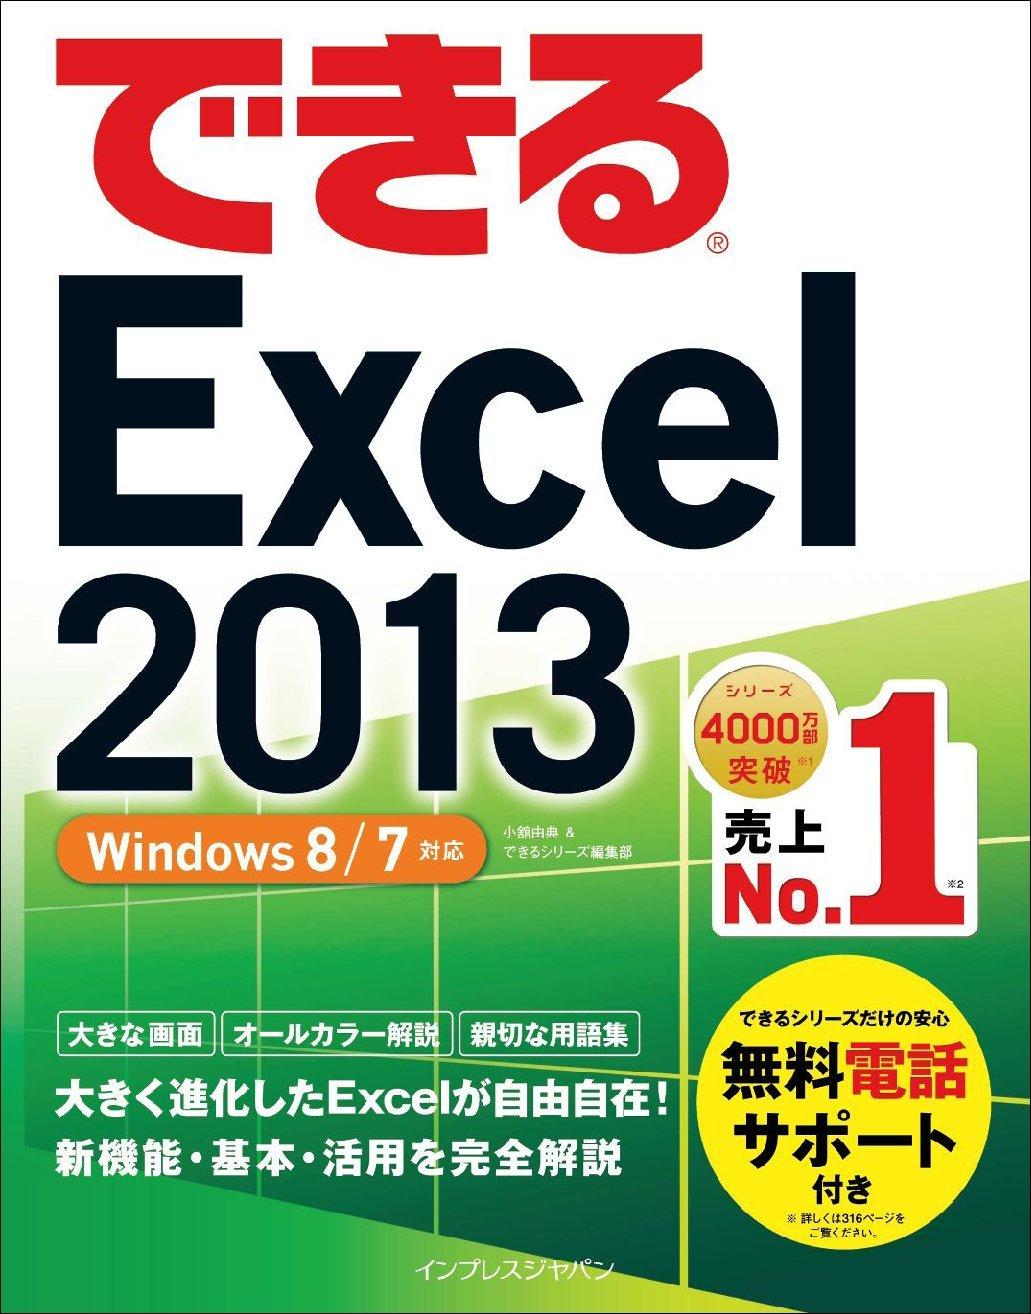 できるExcel 2013 Windows 8/7対応 (Digital)